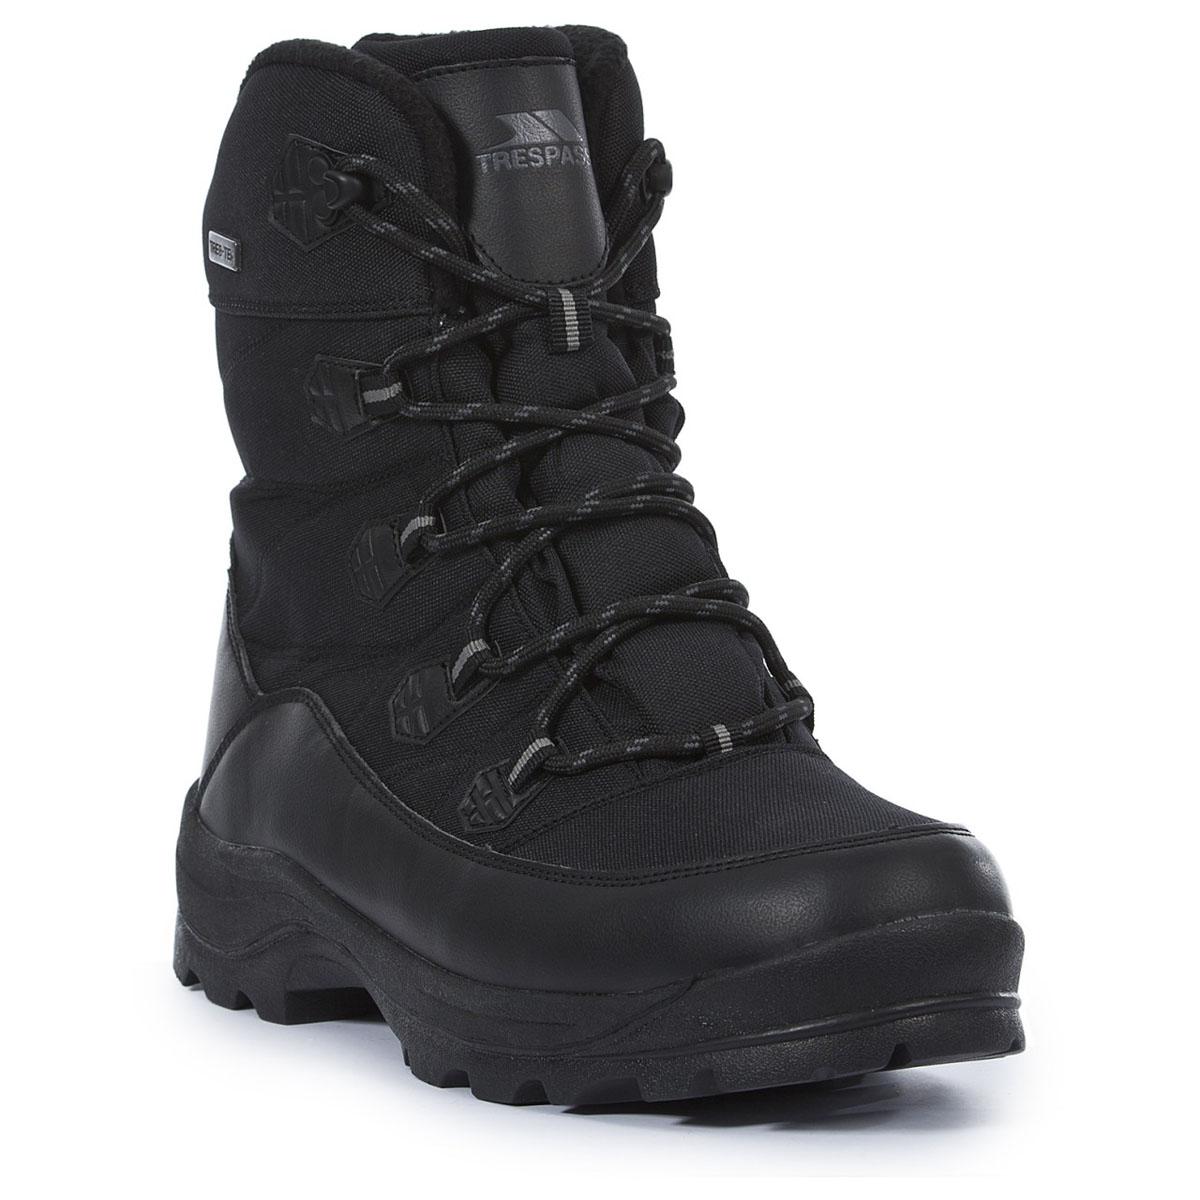 БотинкиMAFOBOK20001Современные, технологичные, трекинговые ботинки Zotos от Trespass выполнены из водонепроницаемого материала. Специальное покрытие эффективно обеспечивает сухость и комфорт вашим ногам. Подкладка из флиса и стелька из текстиля согреют ваши ноги. Шнуровка надежно зафиксирует модель на ноге. Подошва дополнена рифлением. Ботинки прекрасно подойдут для пеших походов по пересеченной местности.